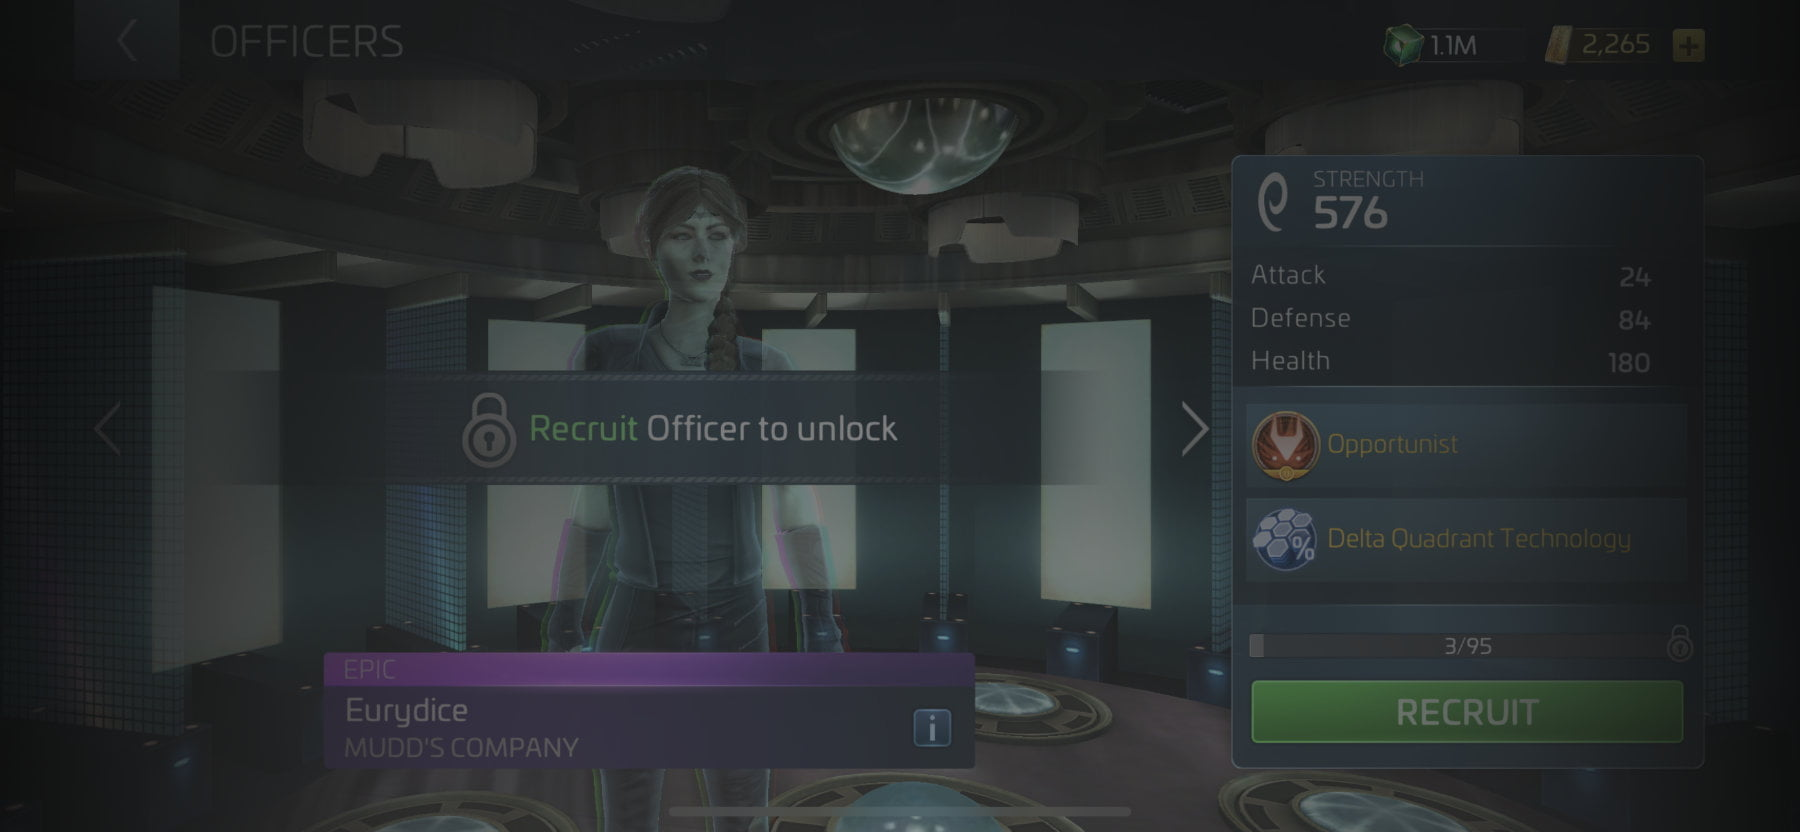 Officer Eurydice